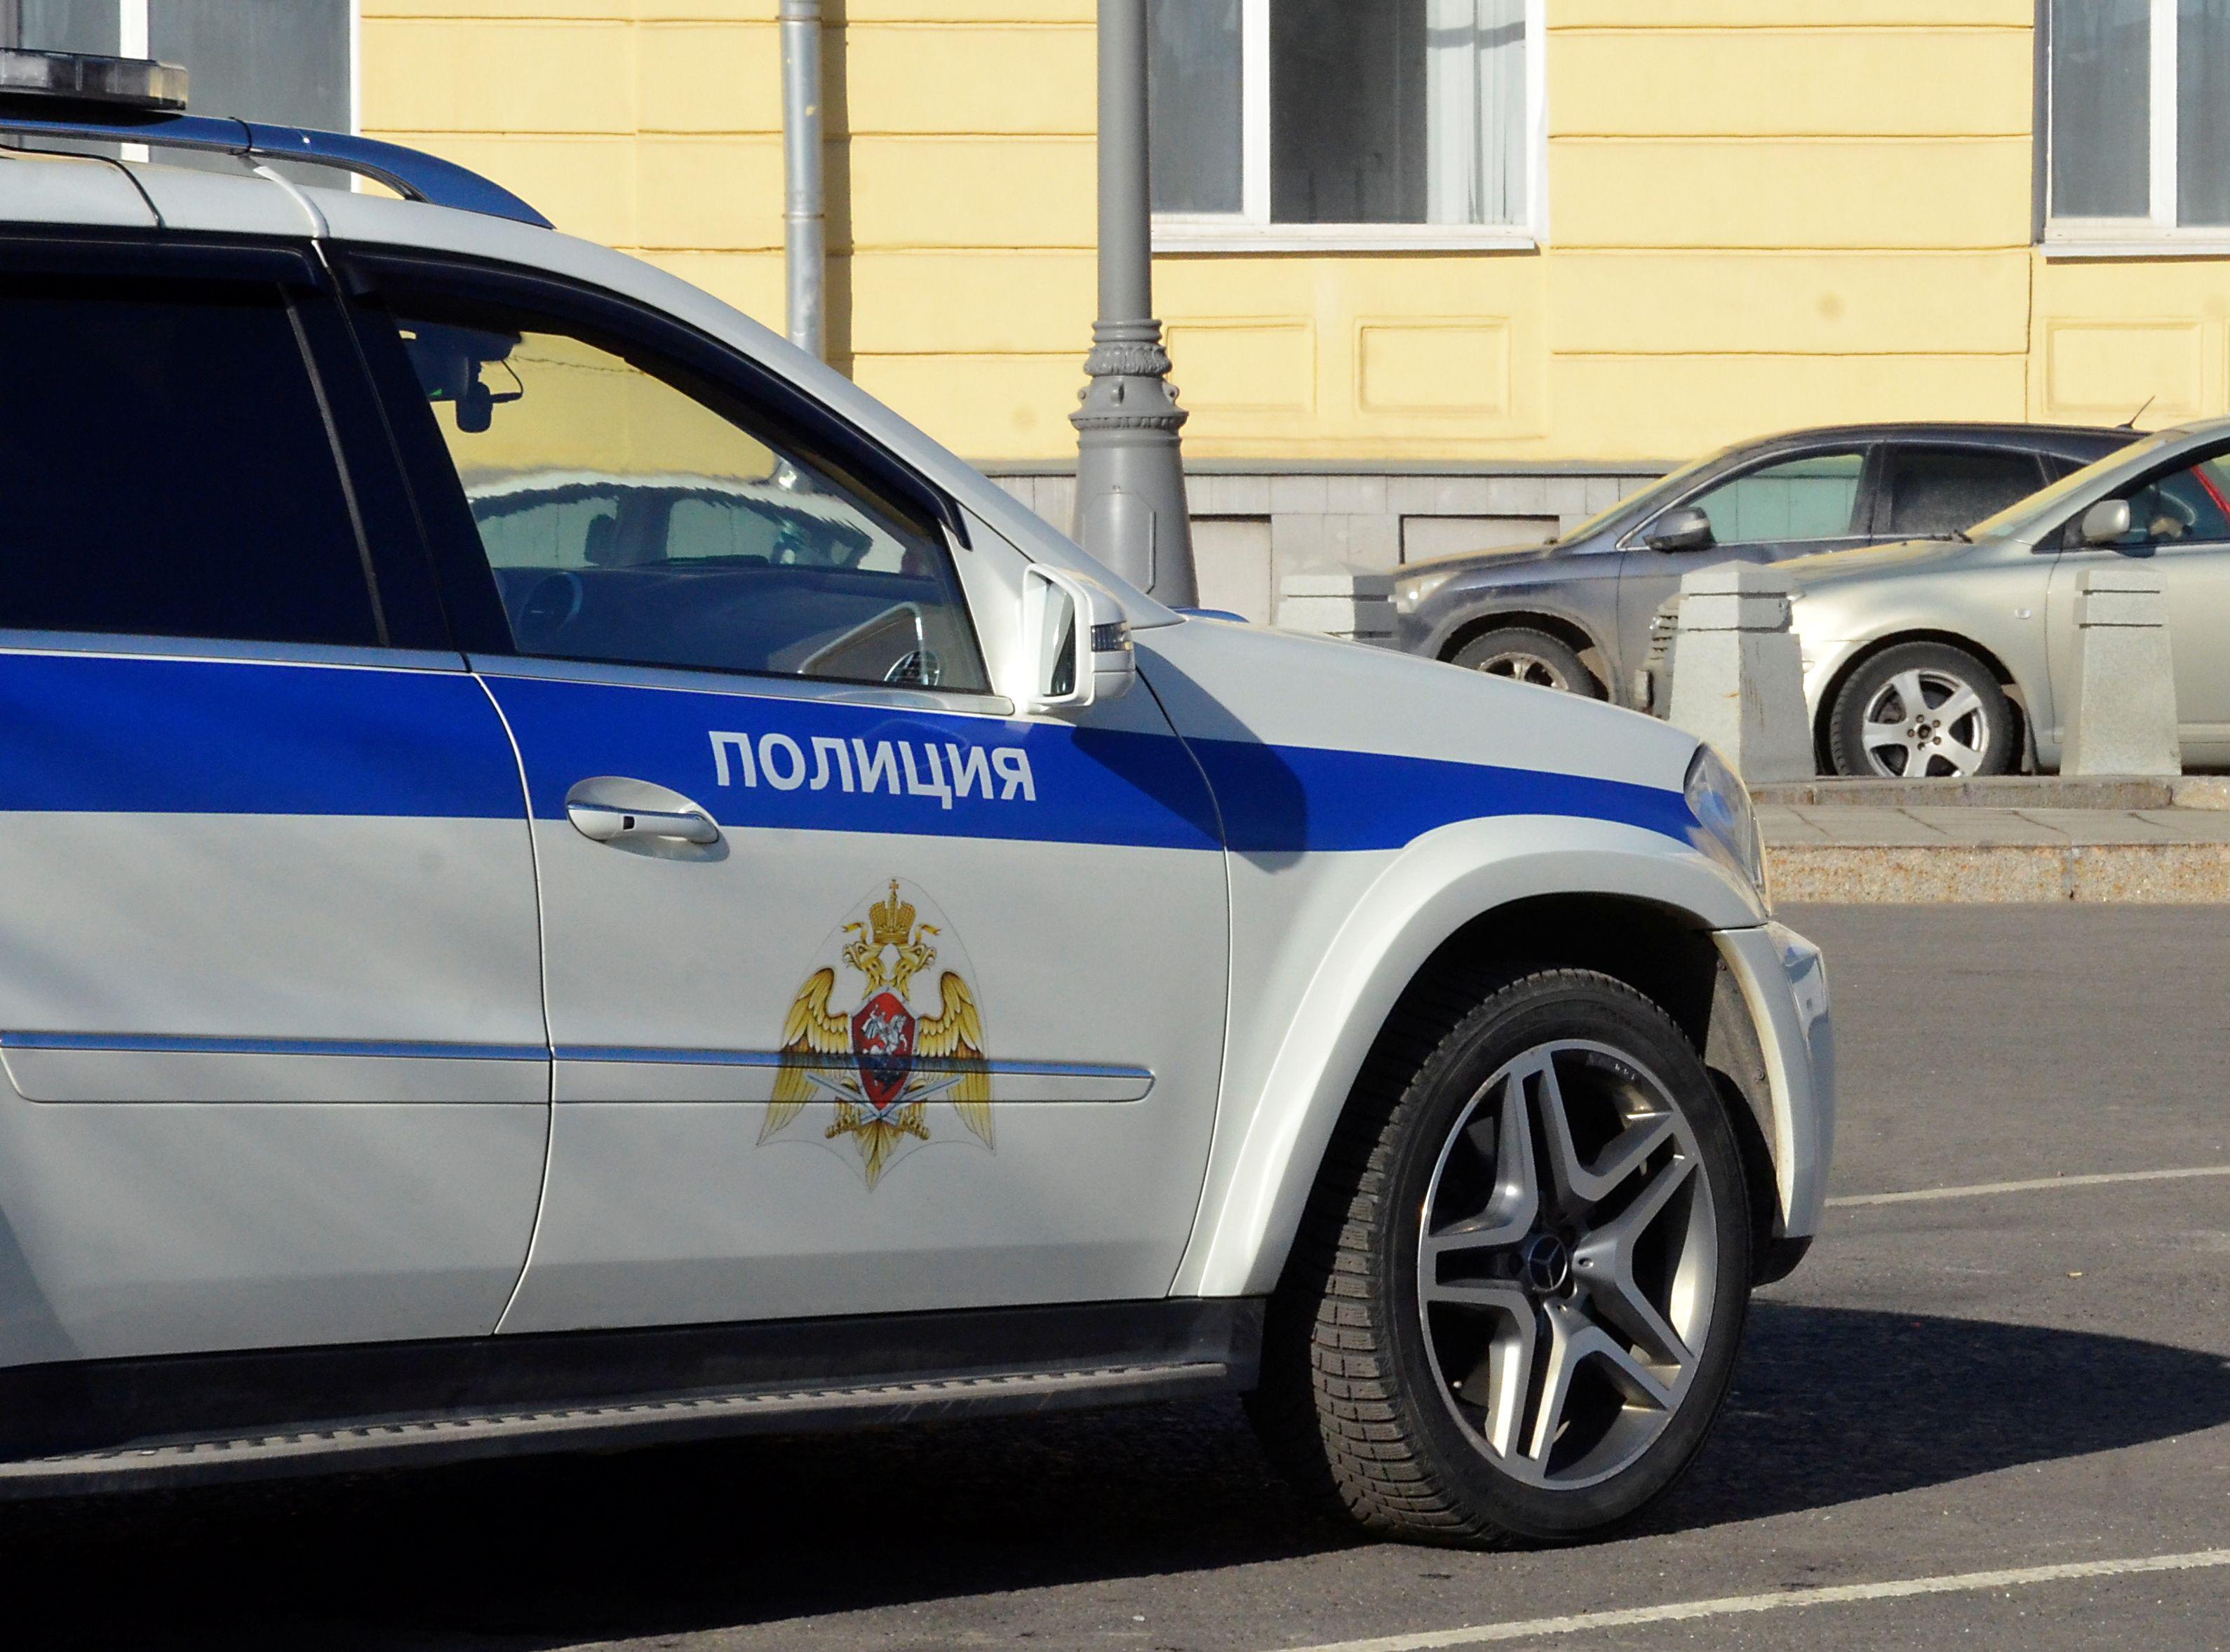 Полицейскими УВД юга столицы задержан подозреваемый в мошенничестве